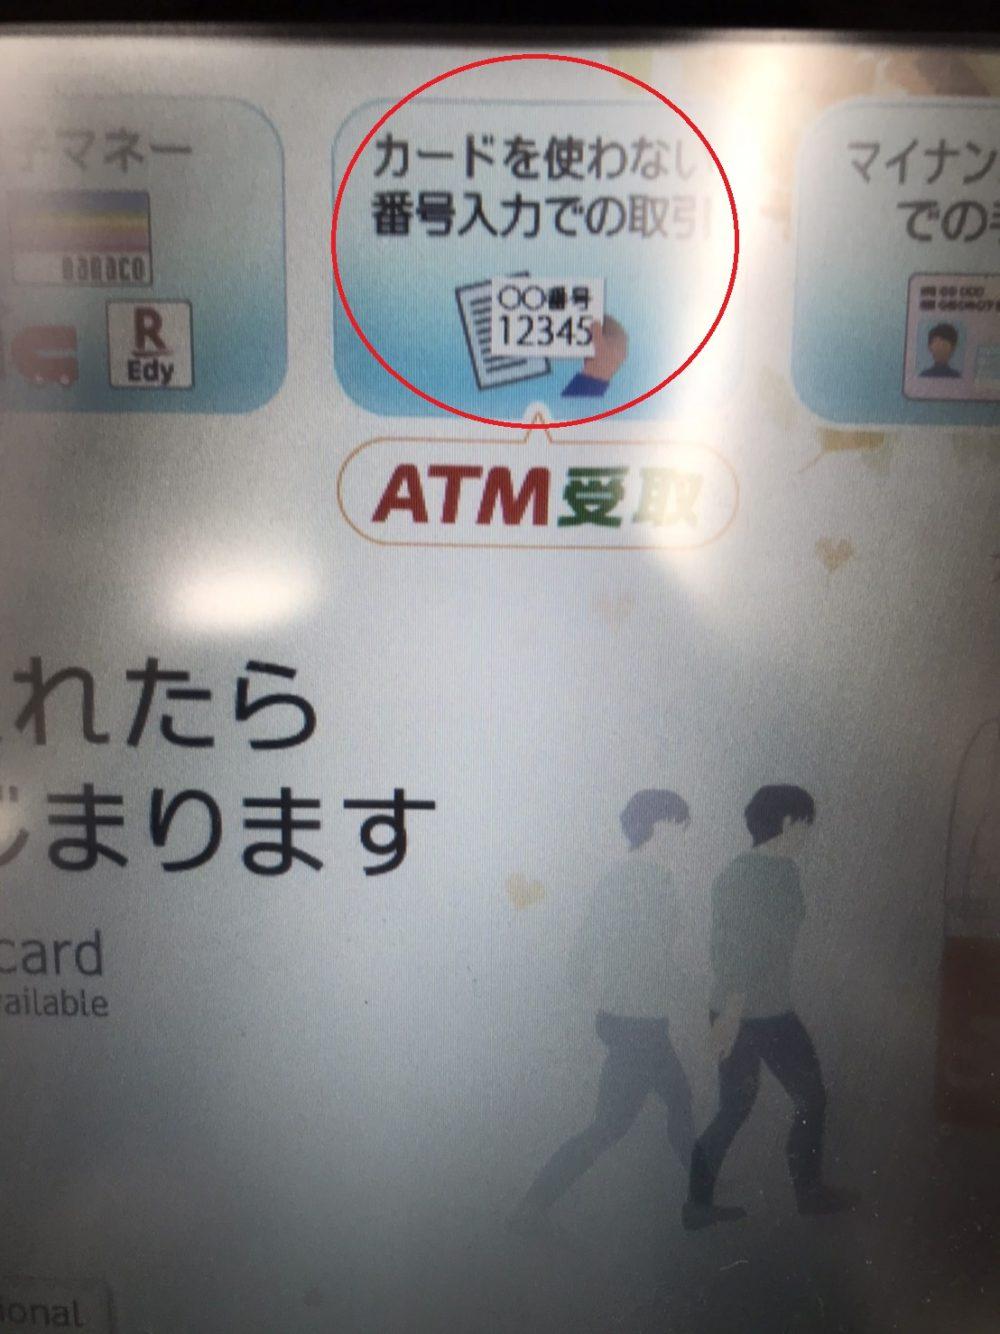 セブンATM受け取り/カードを使わない番号入力での取り引き